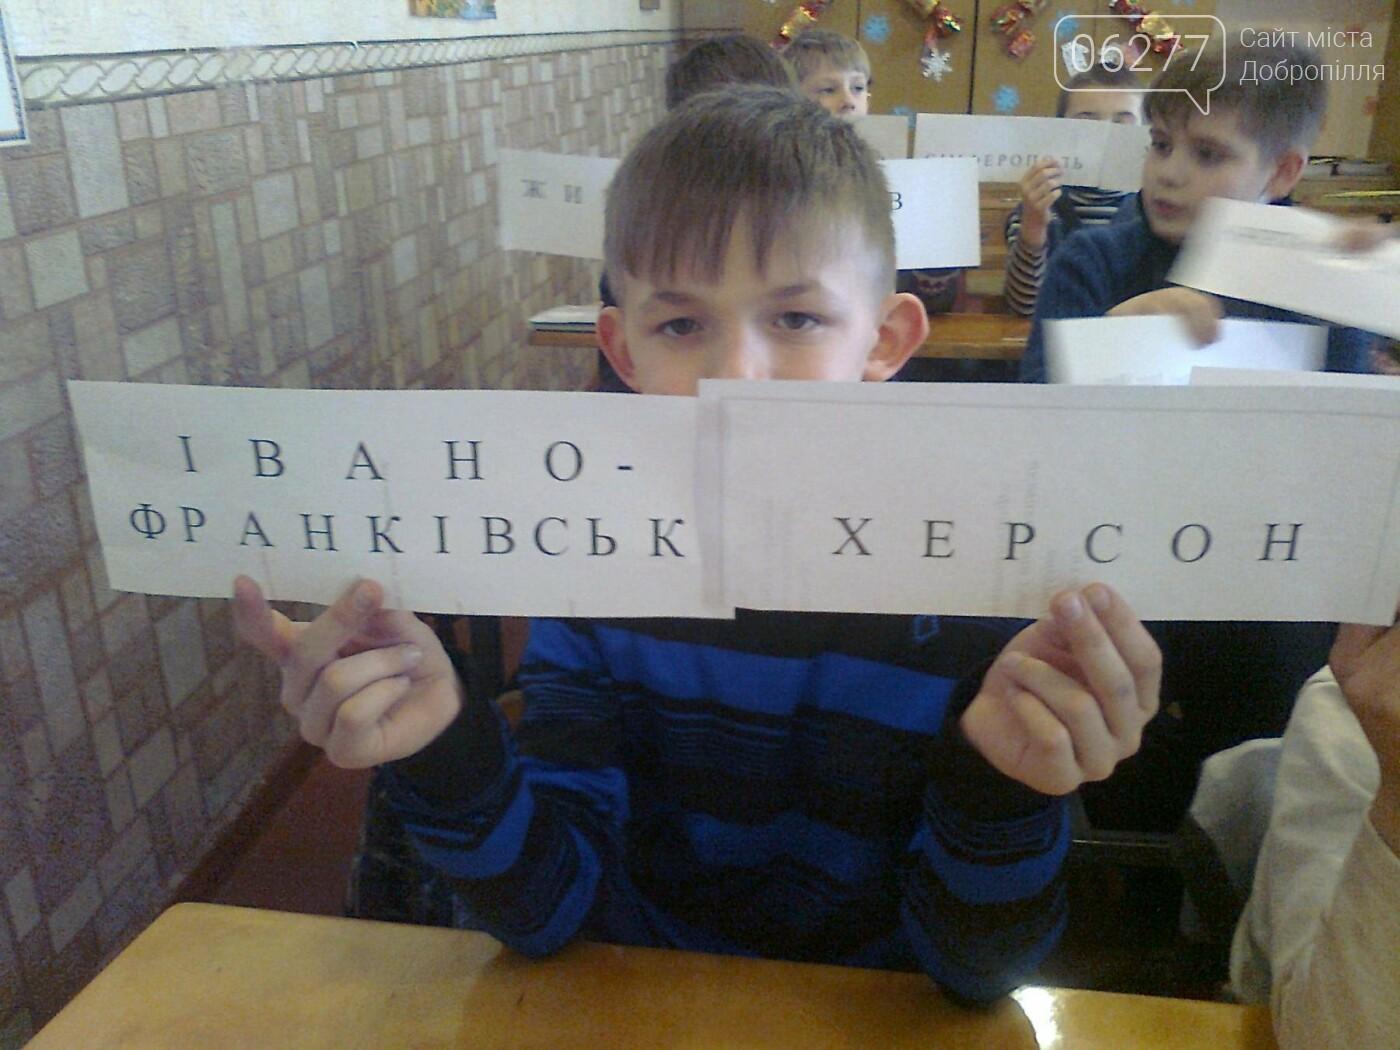 У Добропіллі пройшов флешмоб «Моя держава зростає в любові і єдності», фото-2